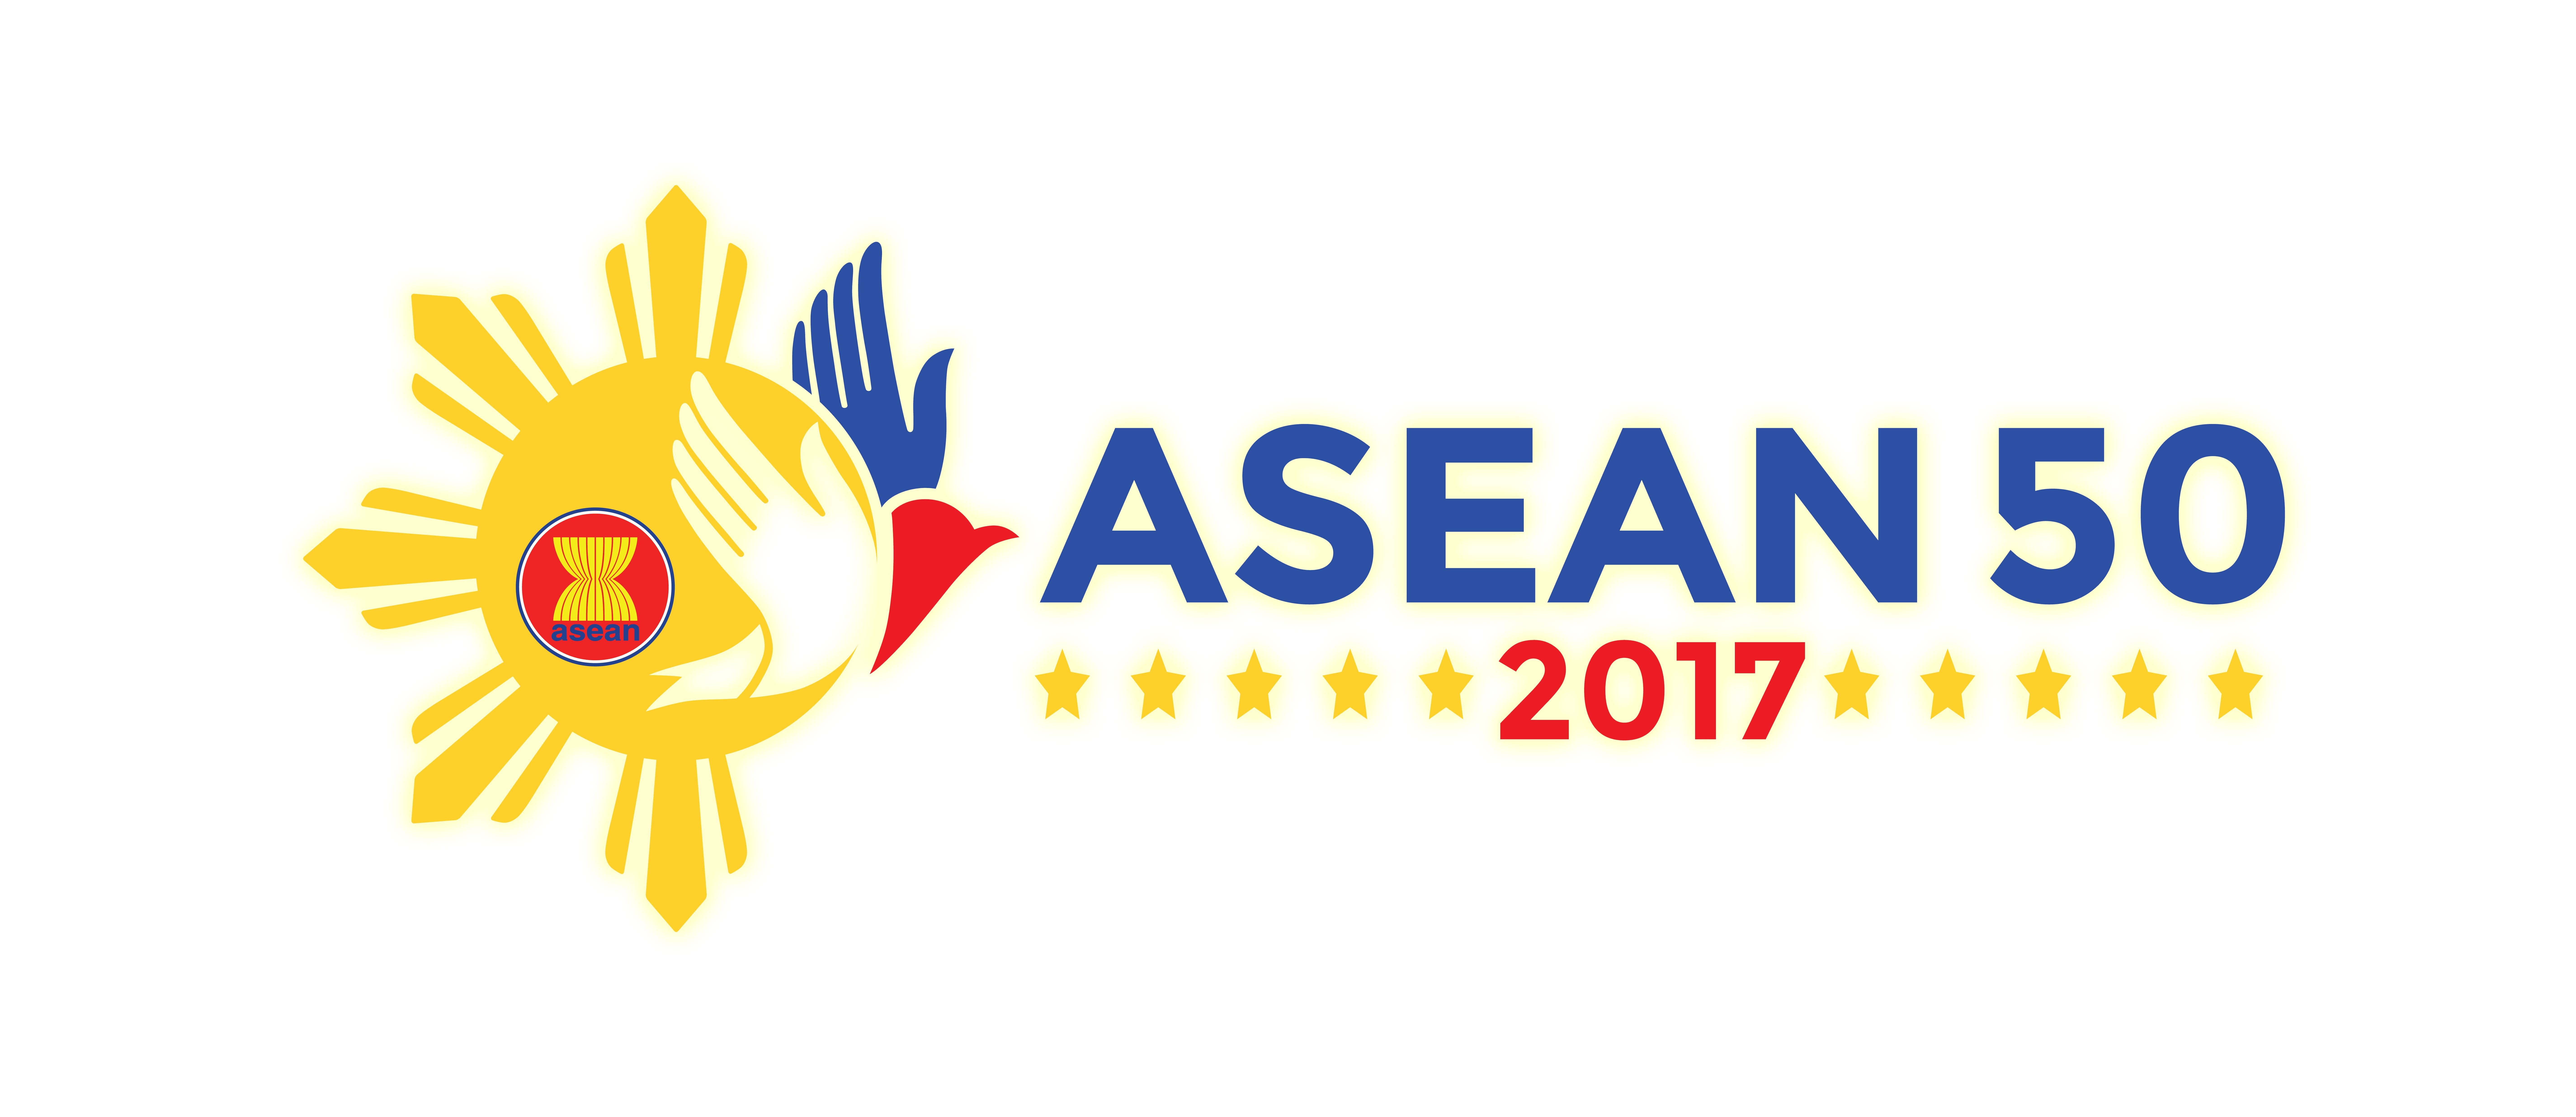 Lễ kỷ niệm Vàng 50 năm thành lập ASEAN